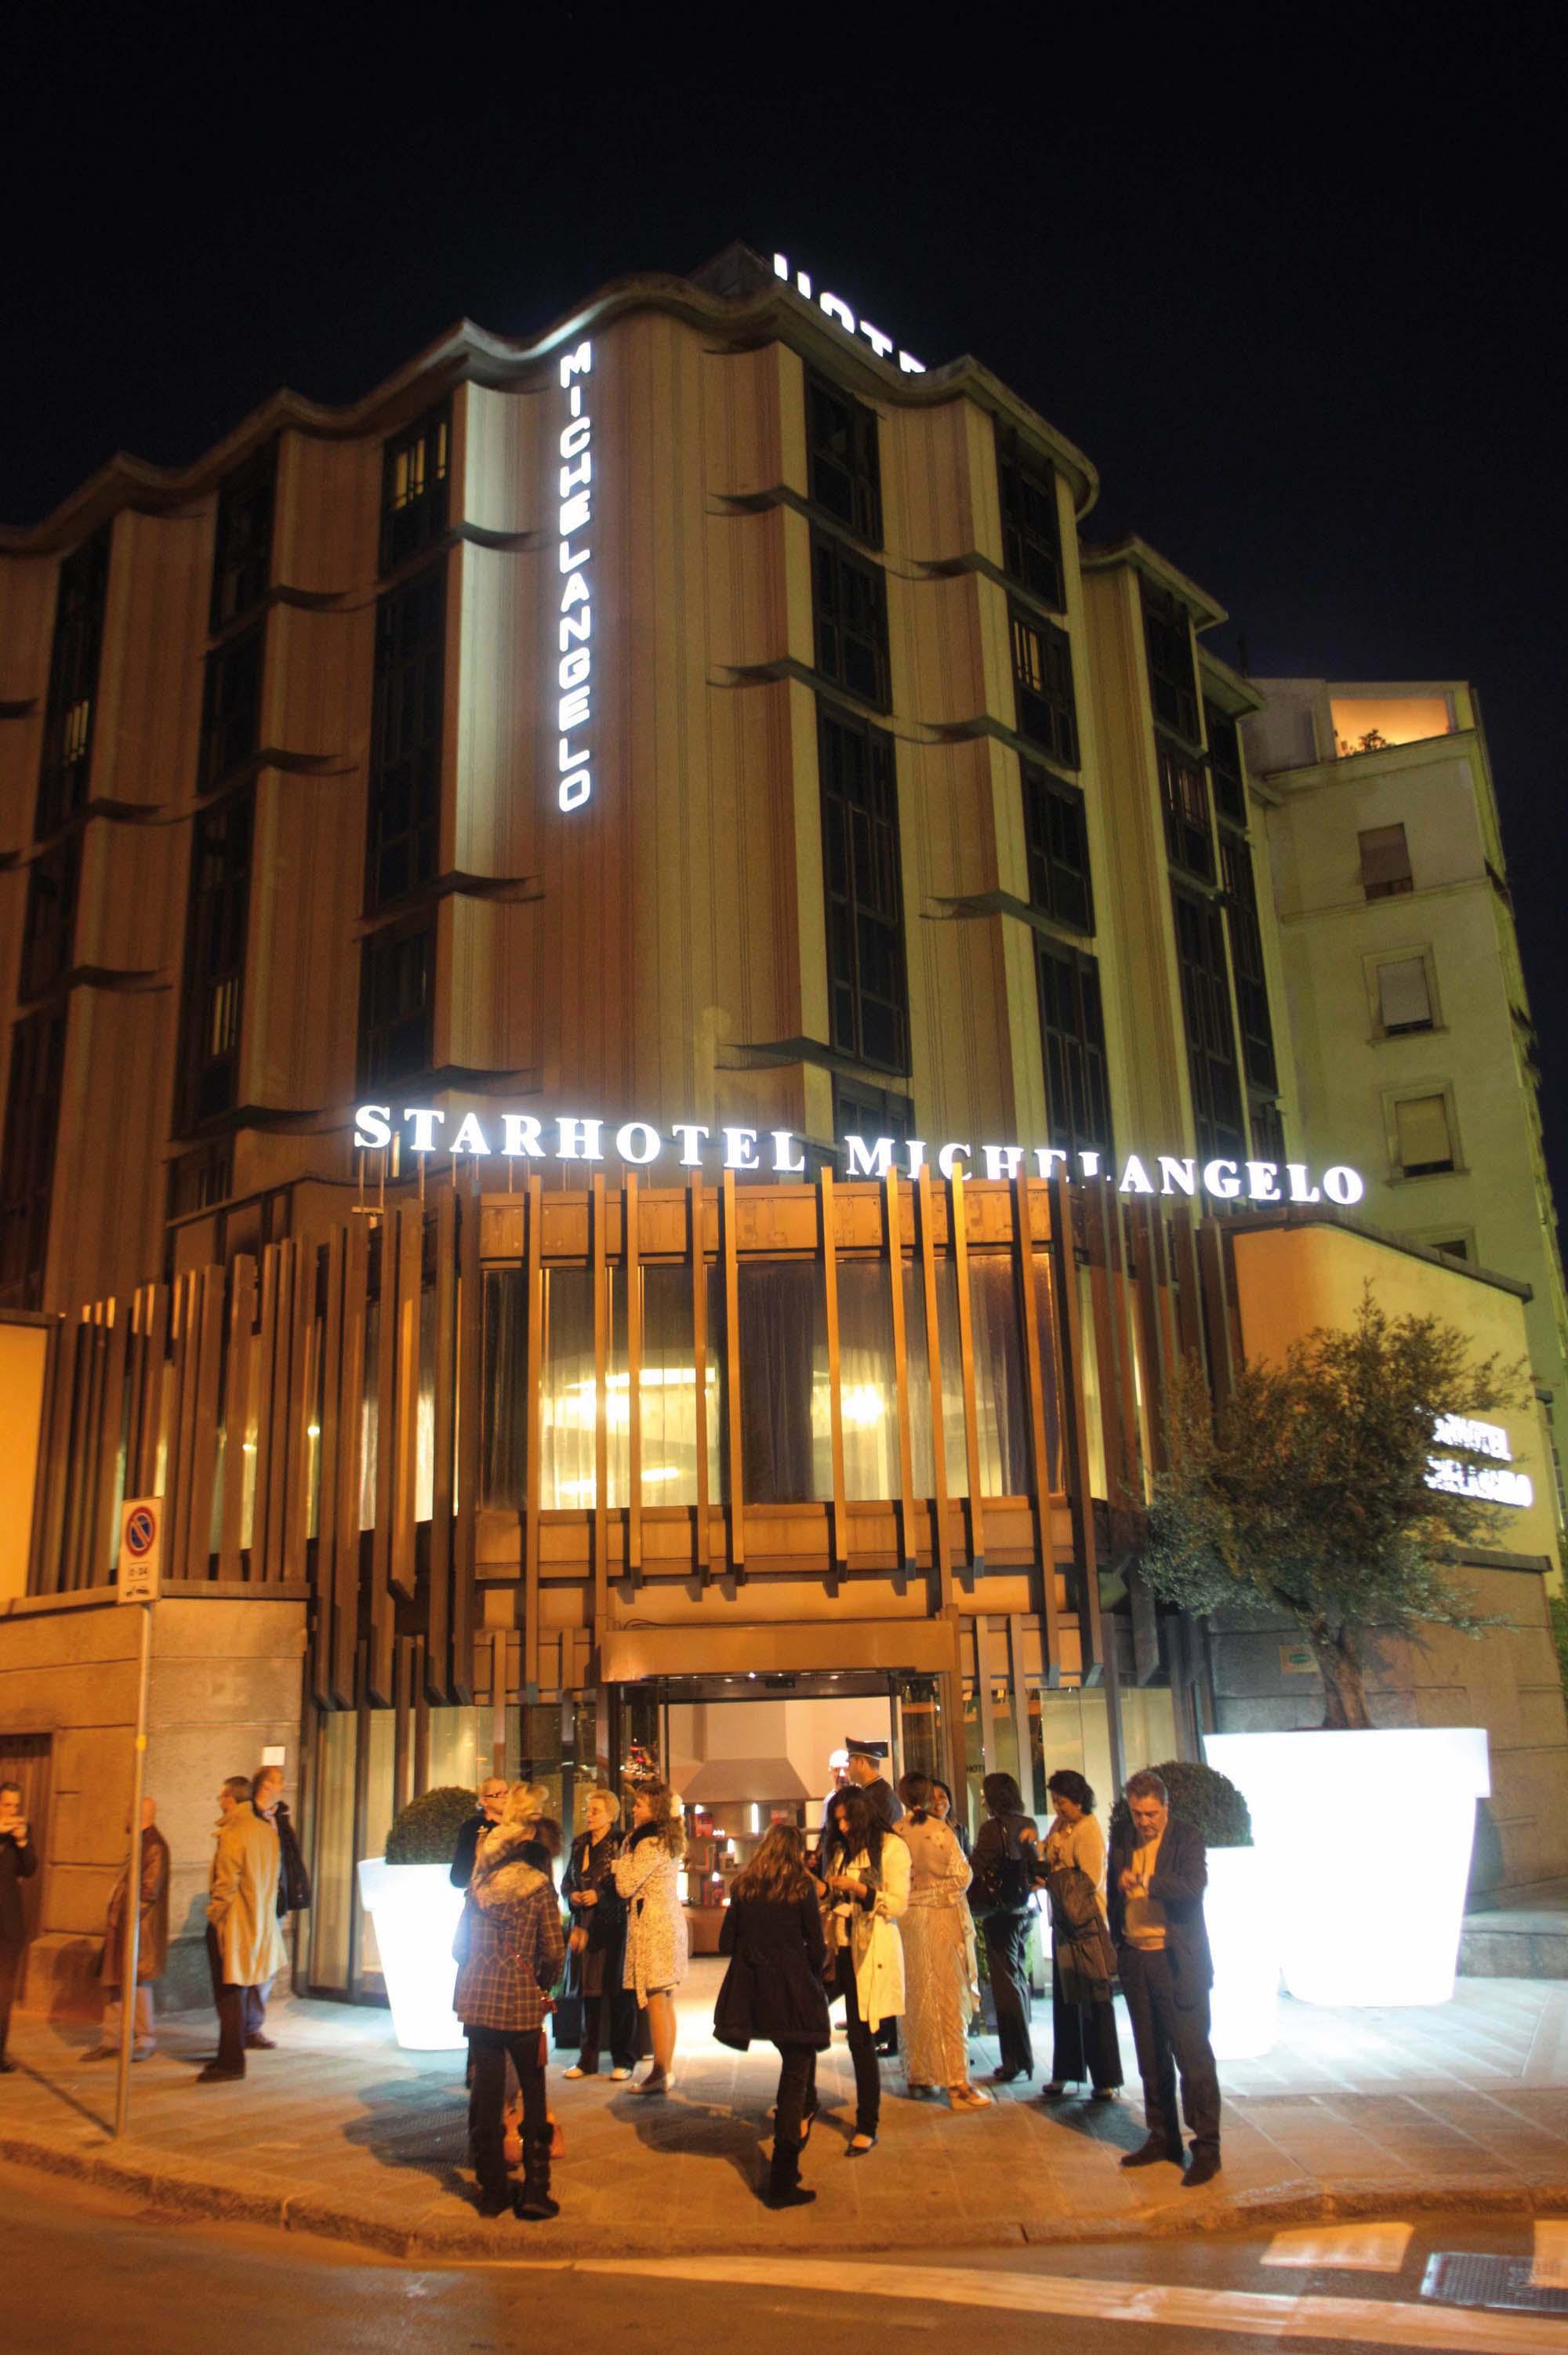 PRESSPHOTO, Inaugurazione Hotel Michelangelo dopo la ristrutturazione foto Gianluca Moggi/New PressPhoto